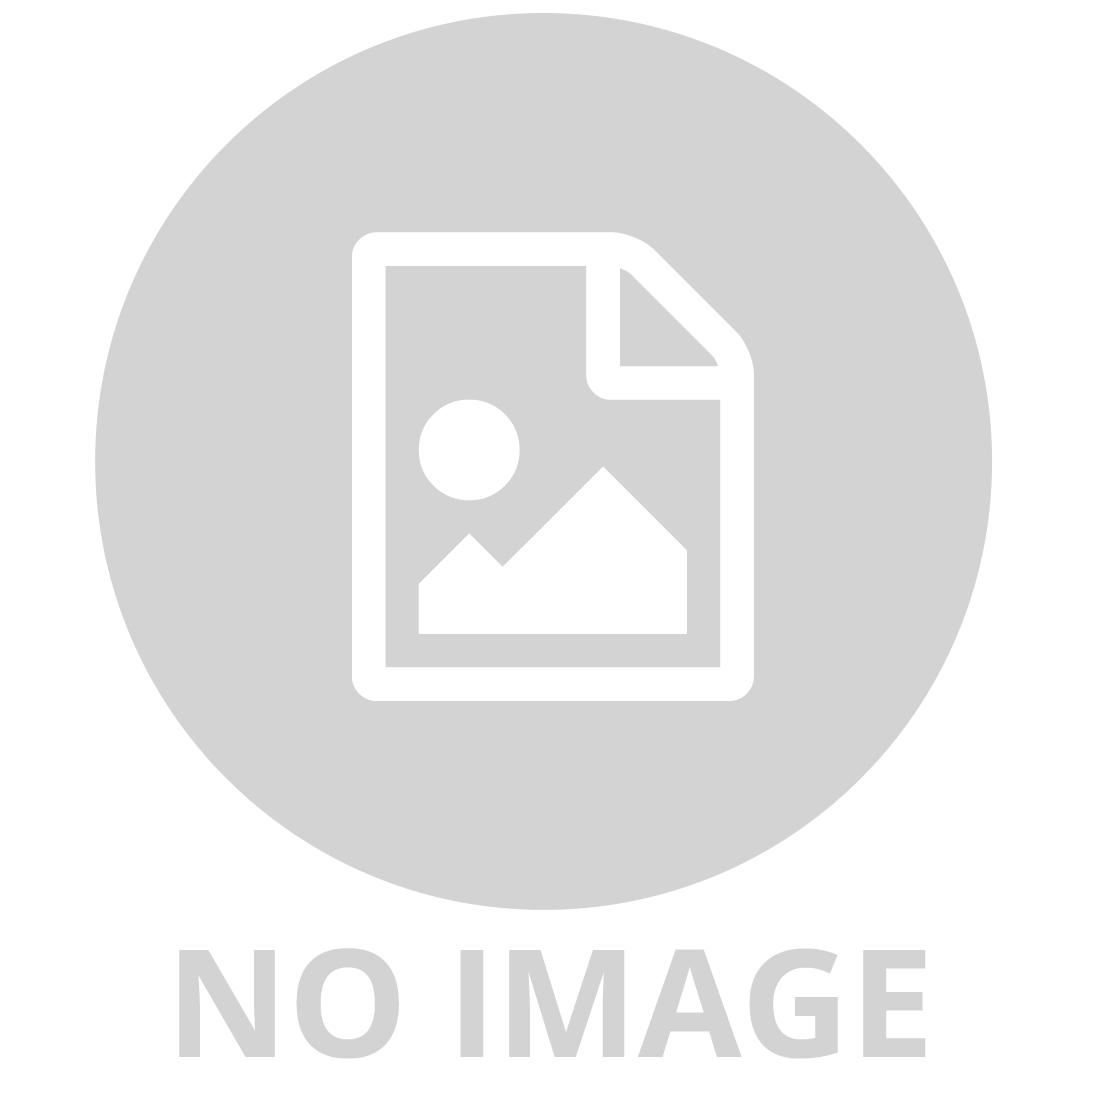 SHOPKINS CUTIE CARS - BUMPY BURGER